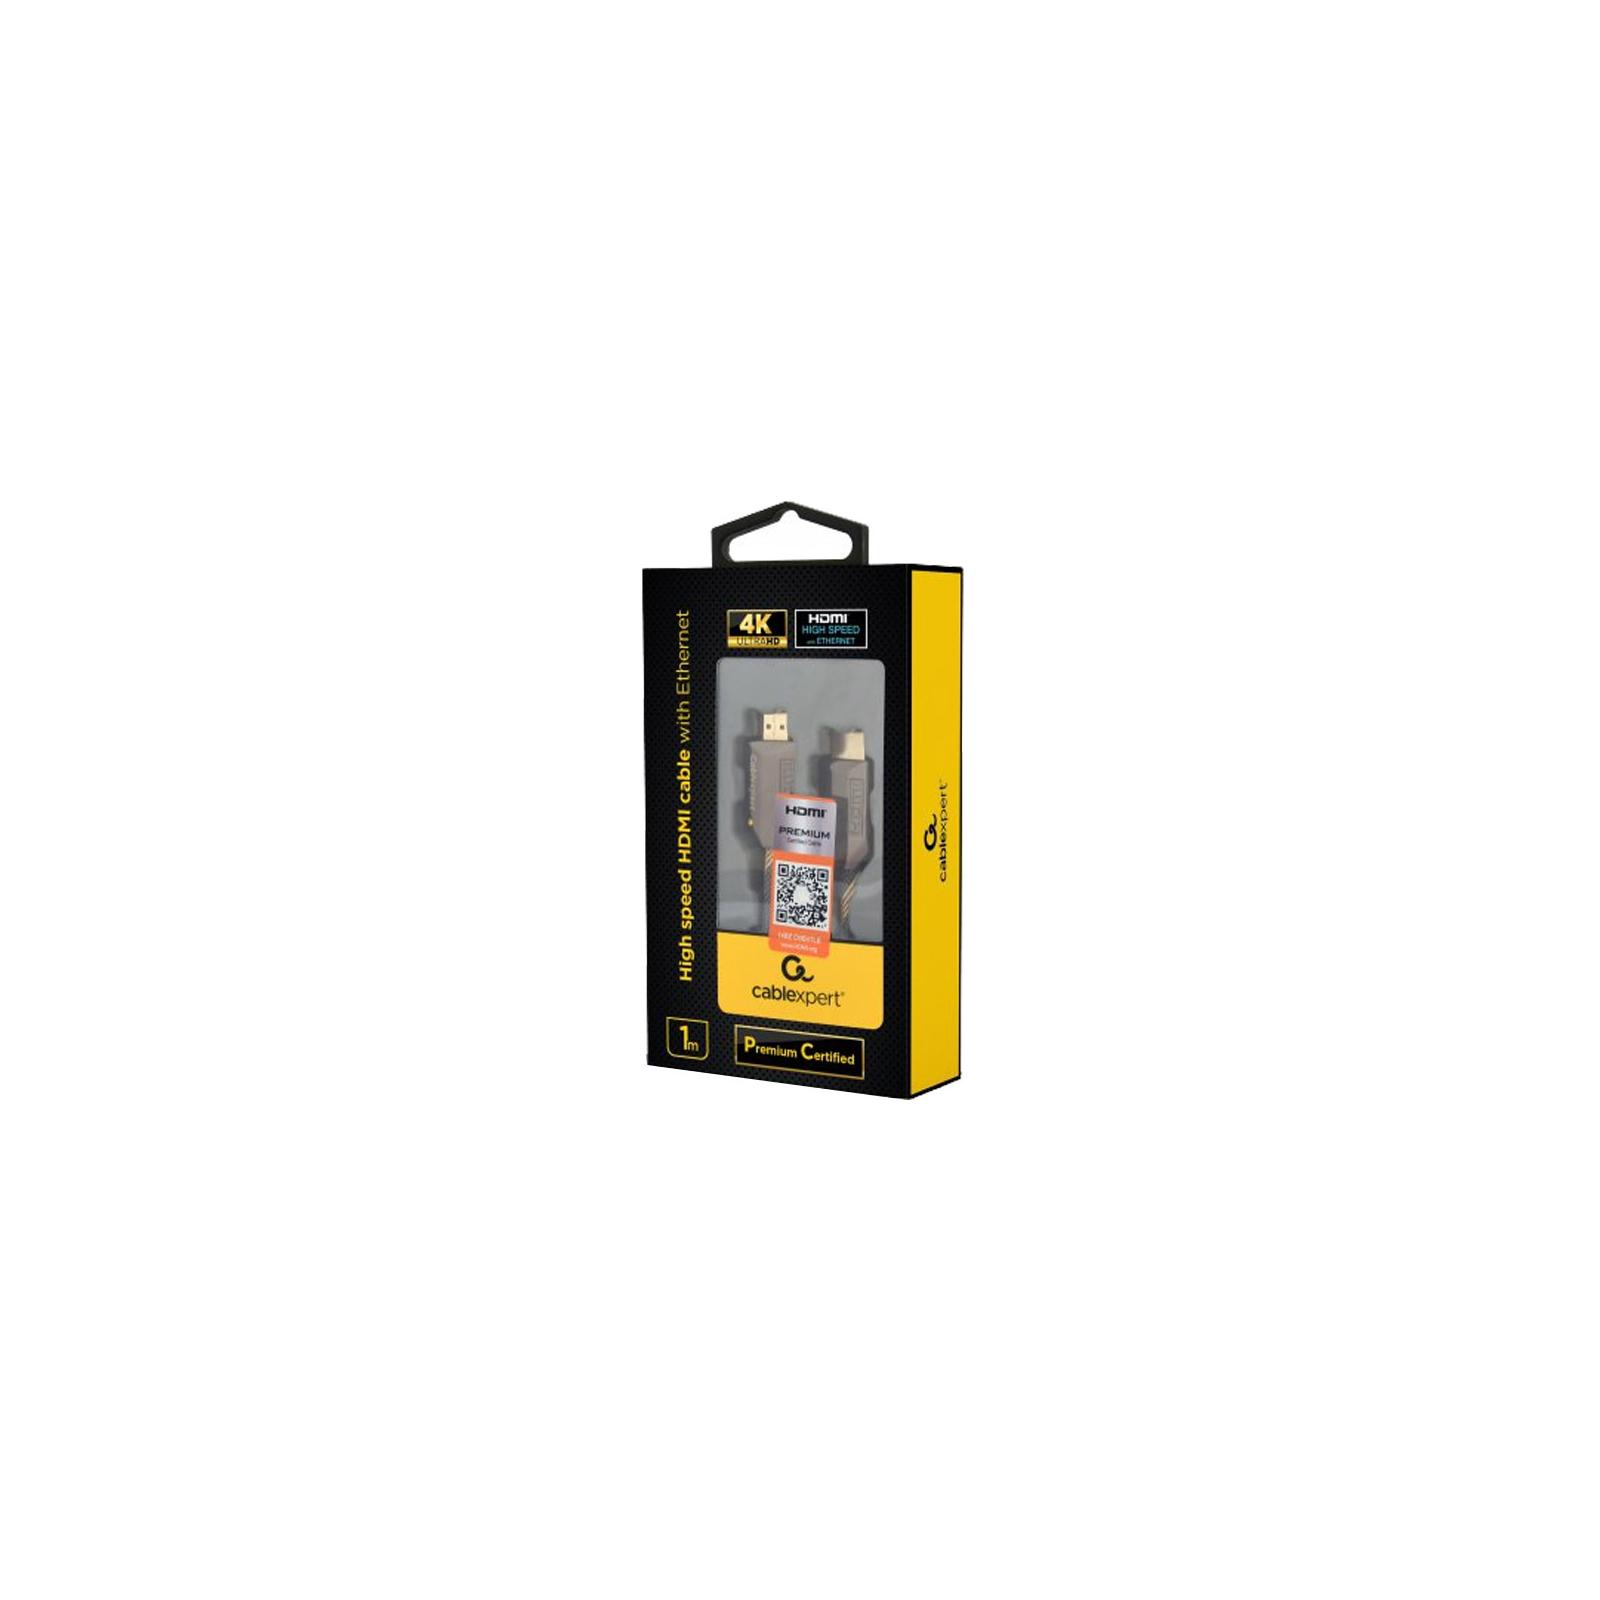 Кабель мультимедийный HDMI to HDMI 1.0m V2.0b Cablexpert (CCBP-HDMIPCC-1M) изображение 3